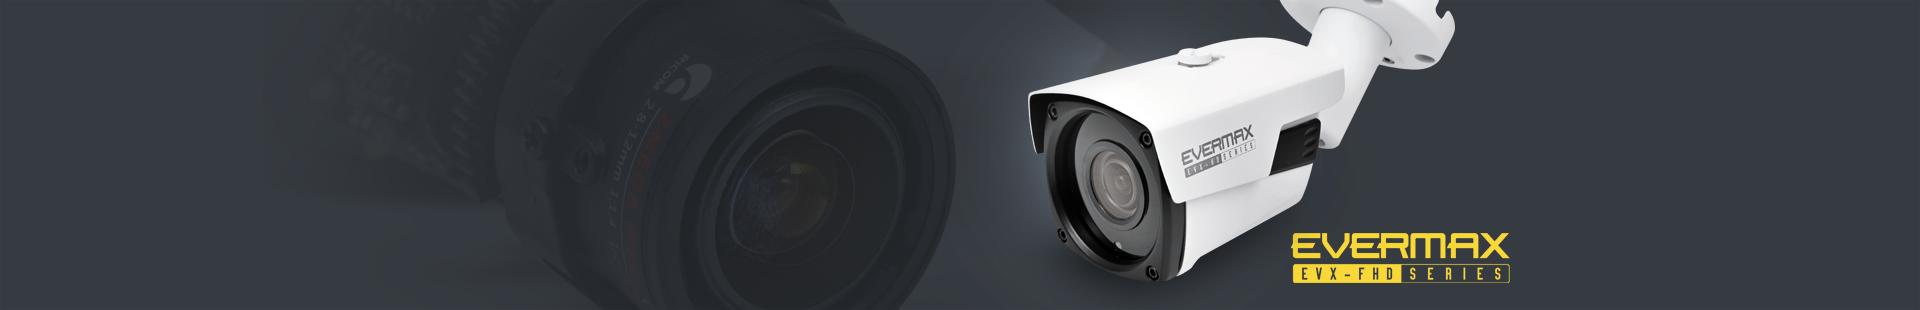 Obiektywy z korekcją 2.0 Mpx. Technologia Black Glass